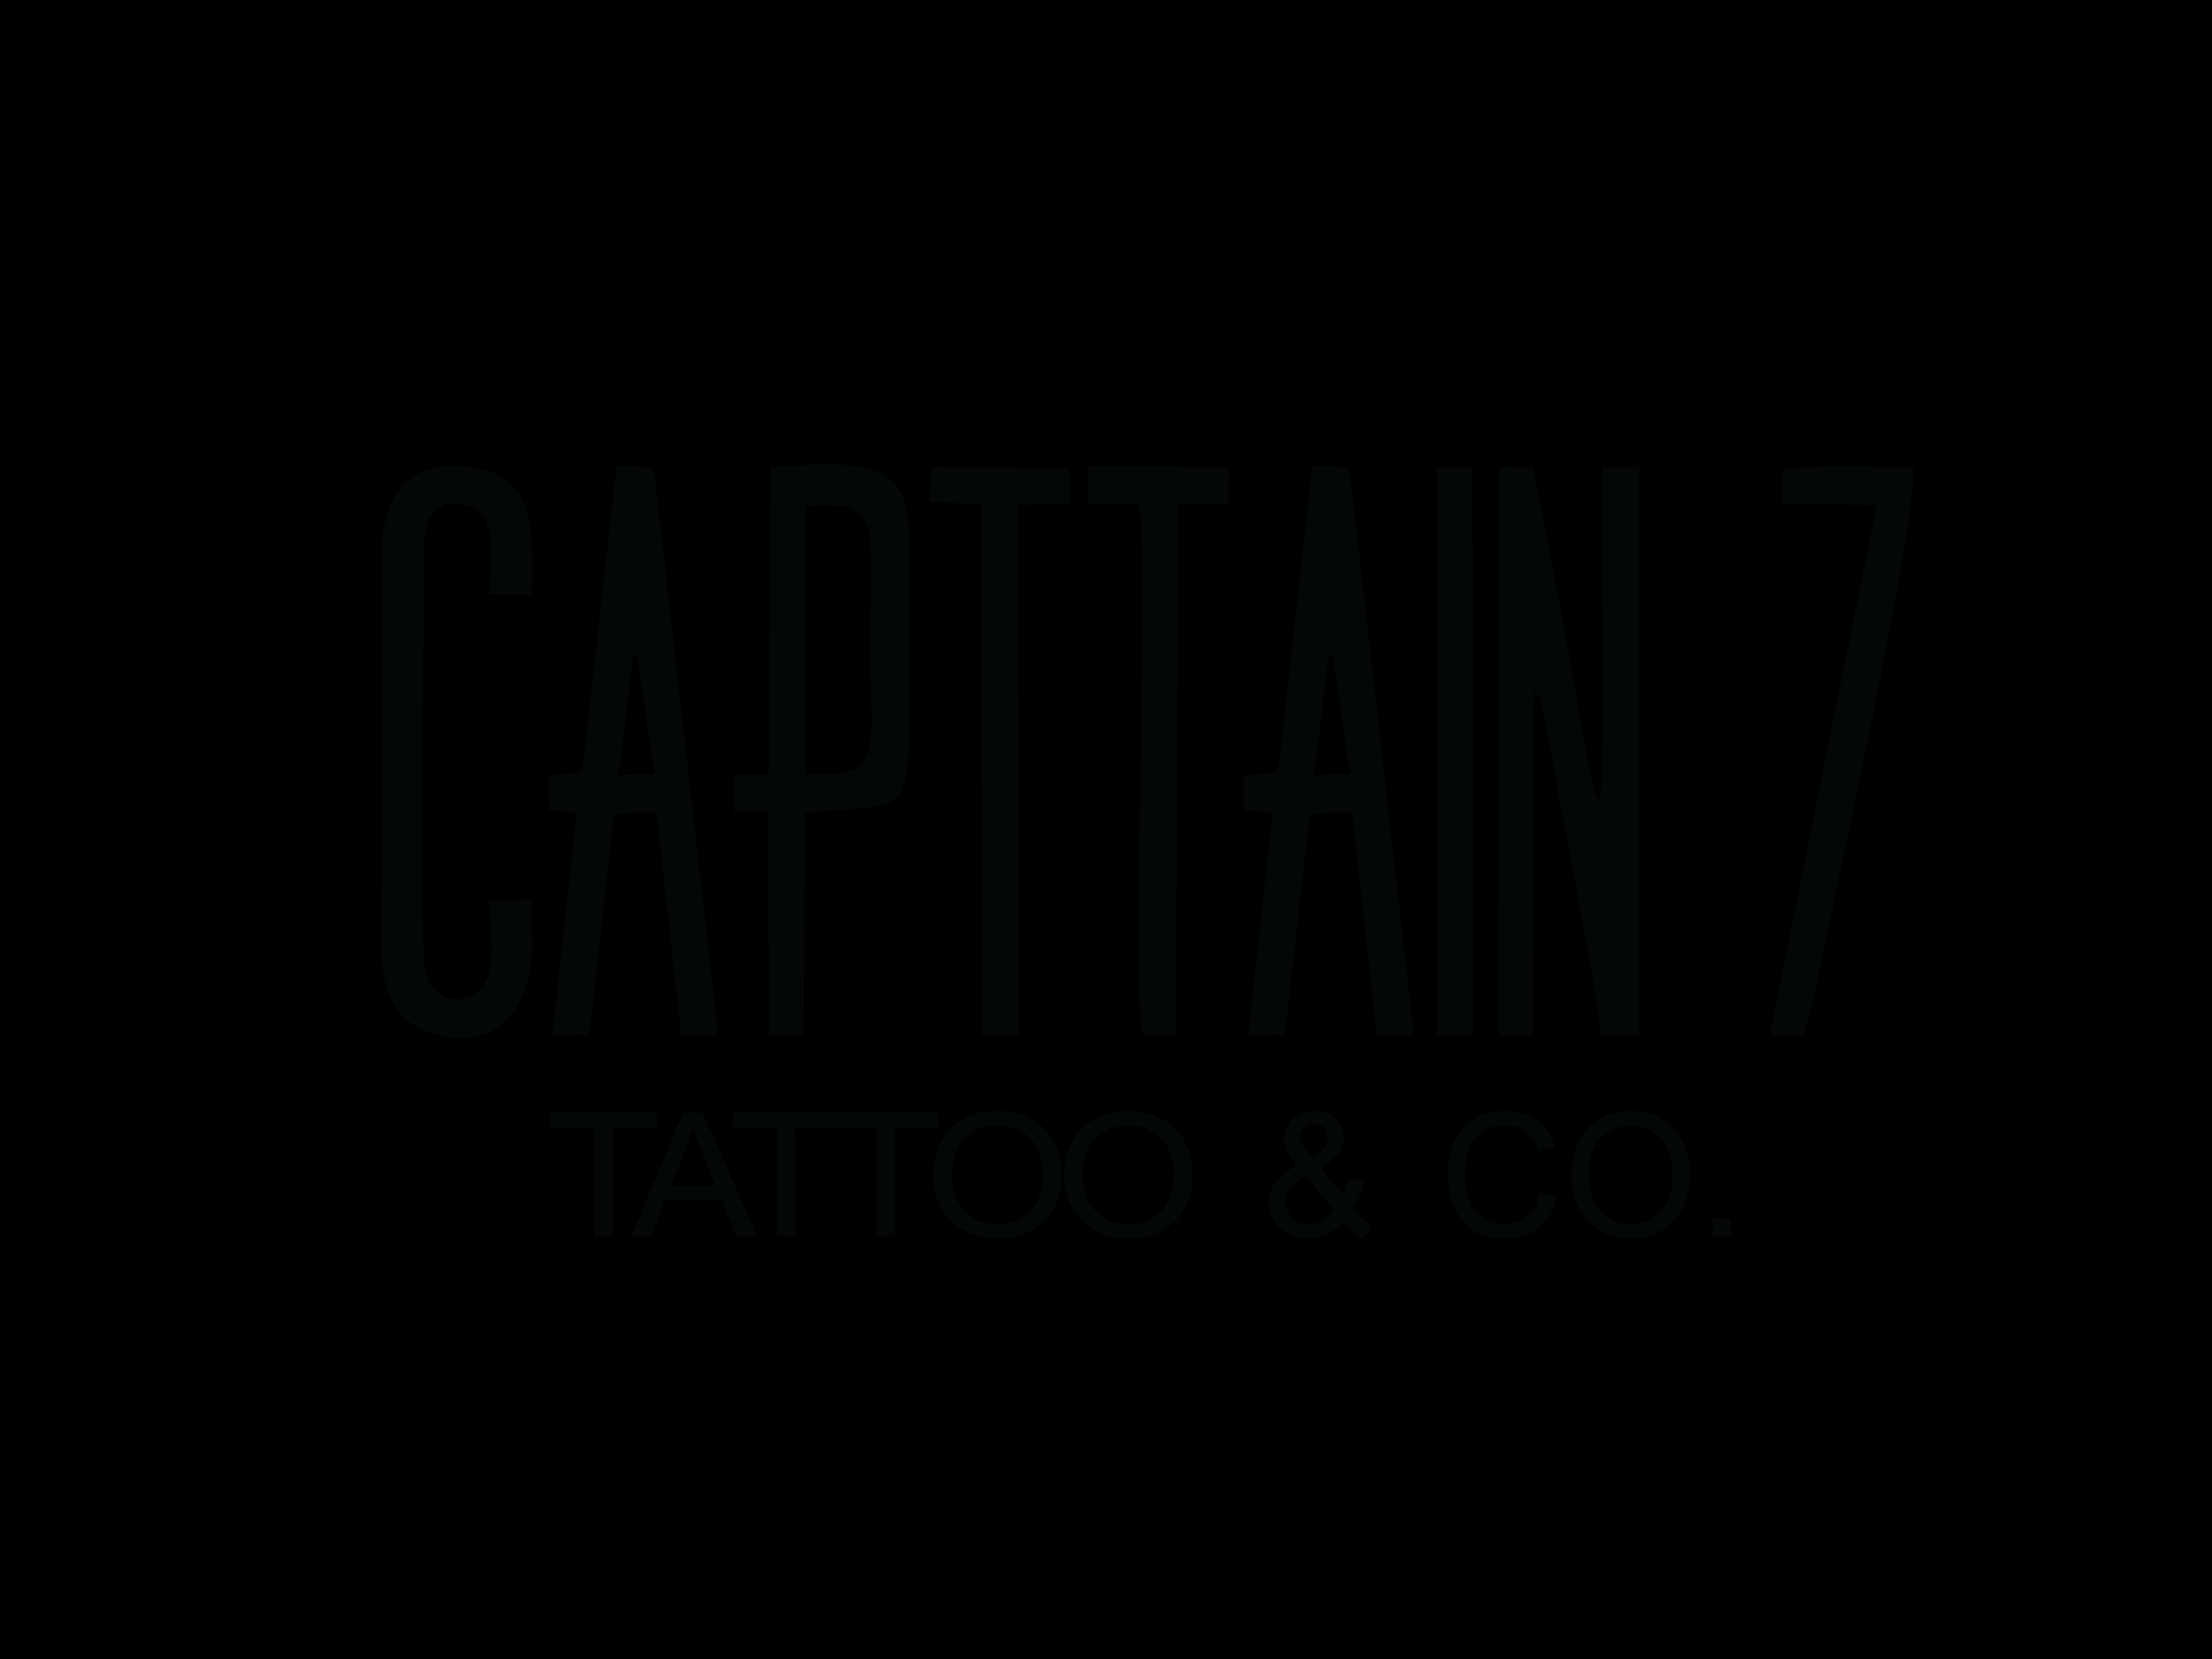 Capttain7